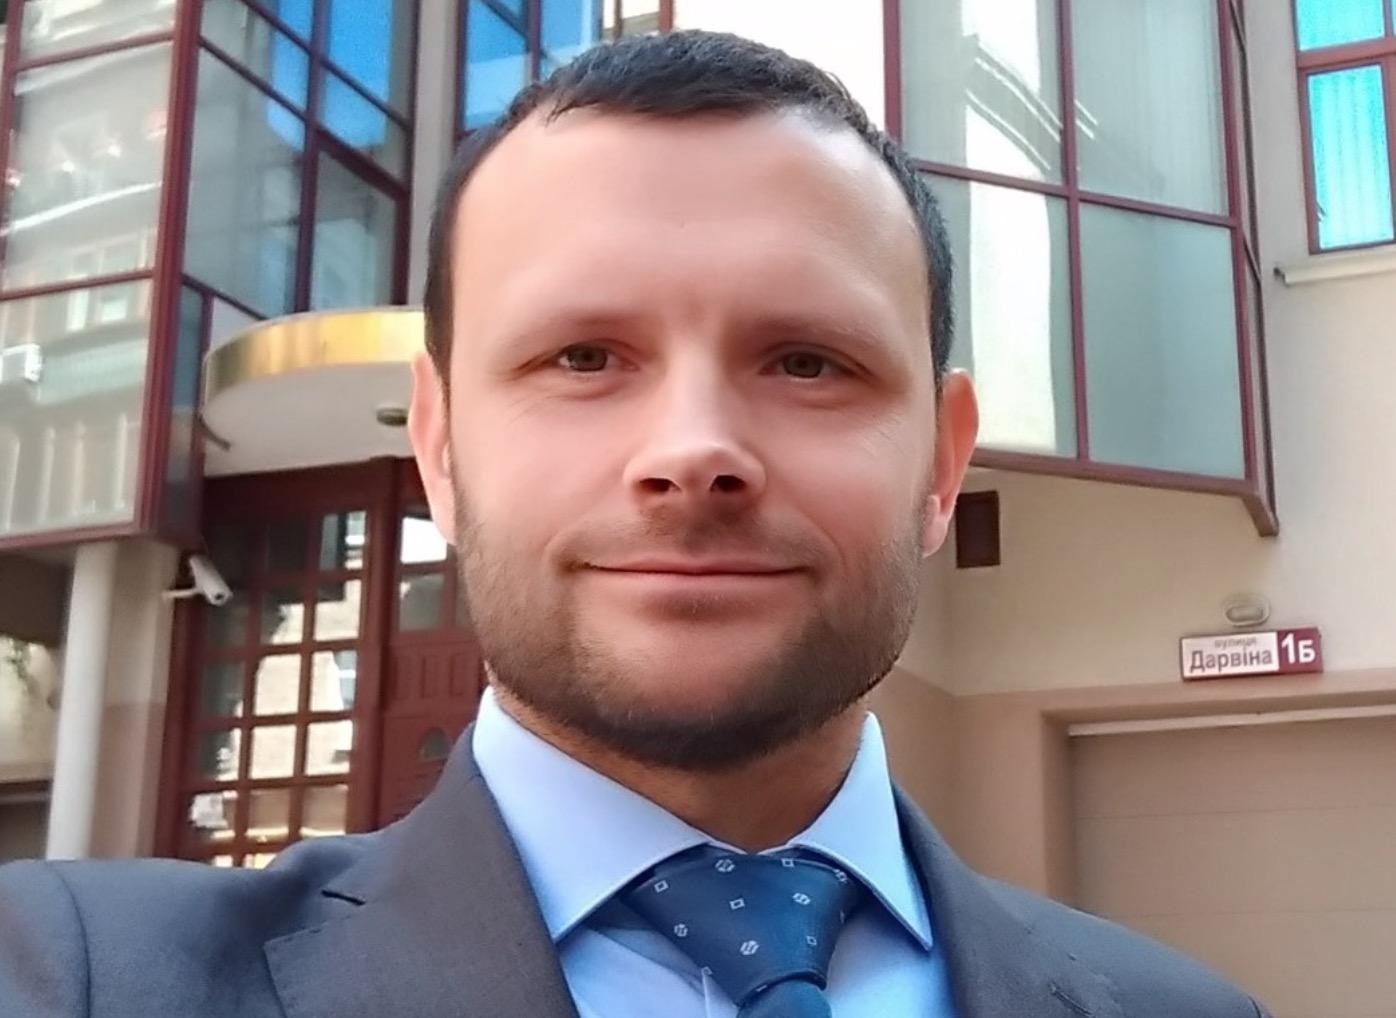 Павловский Петр Иванович (Павловський Петро) - биография. Депутат ...